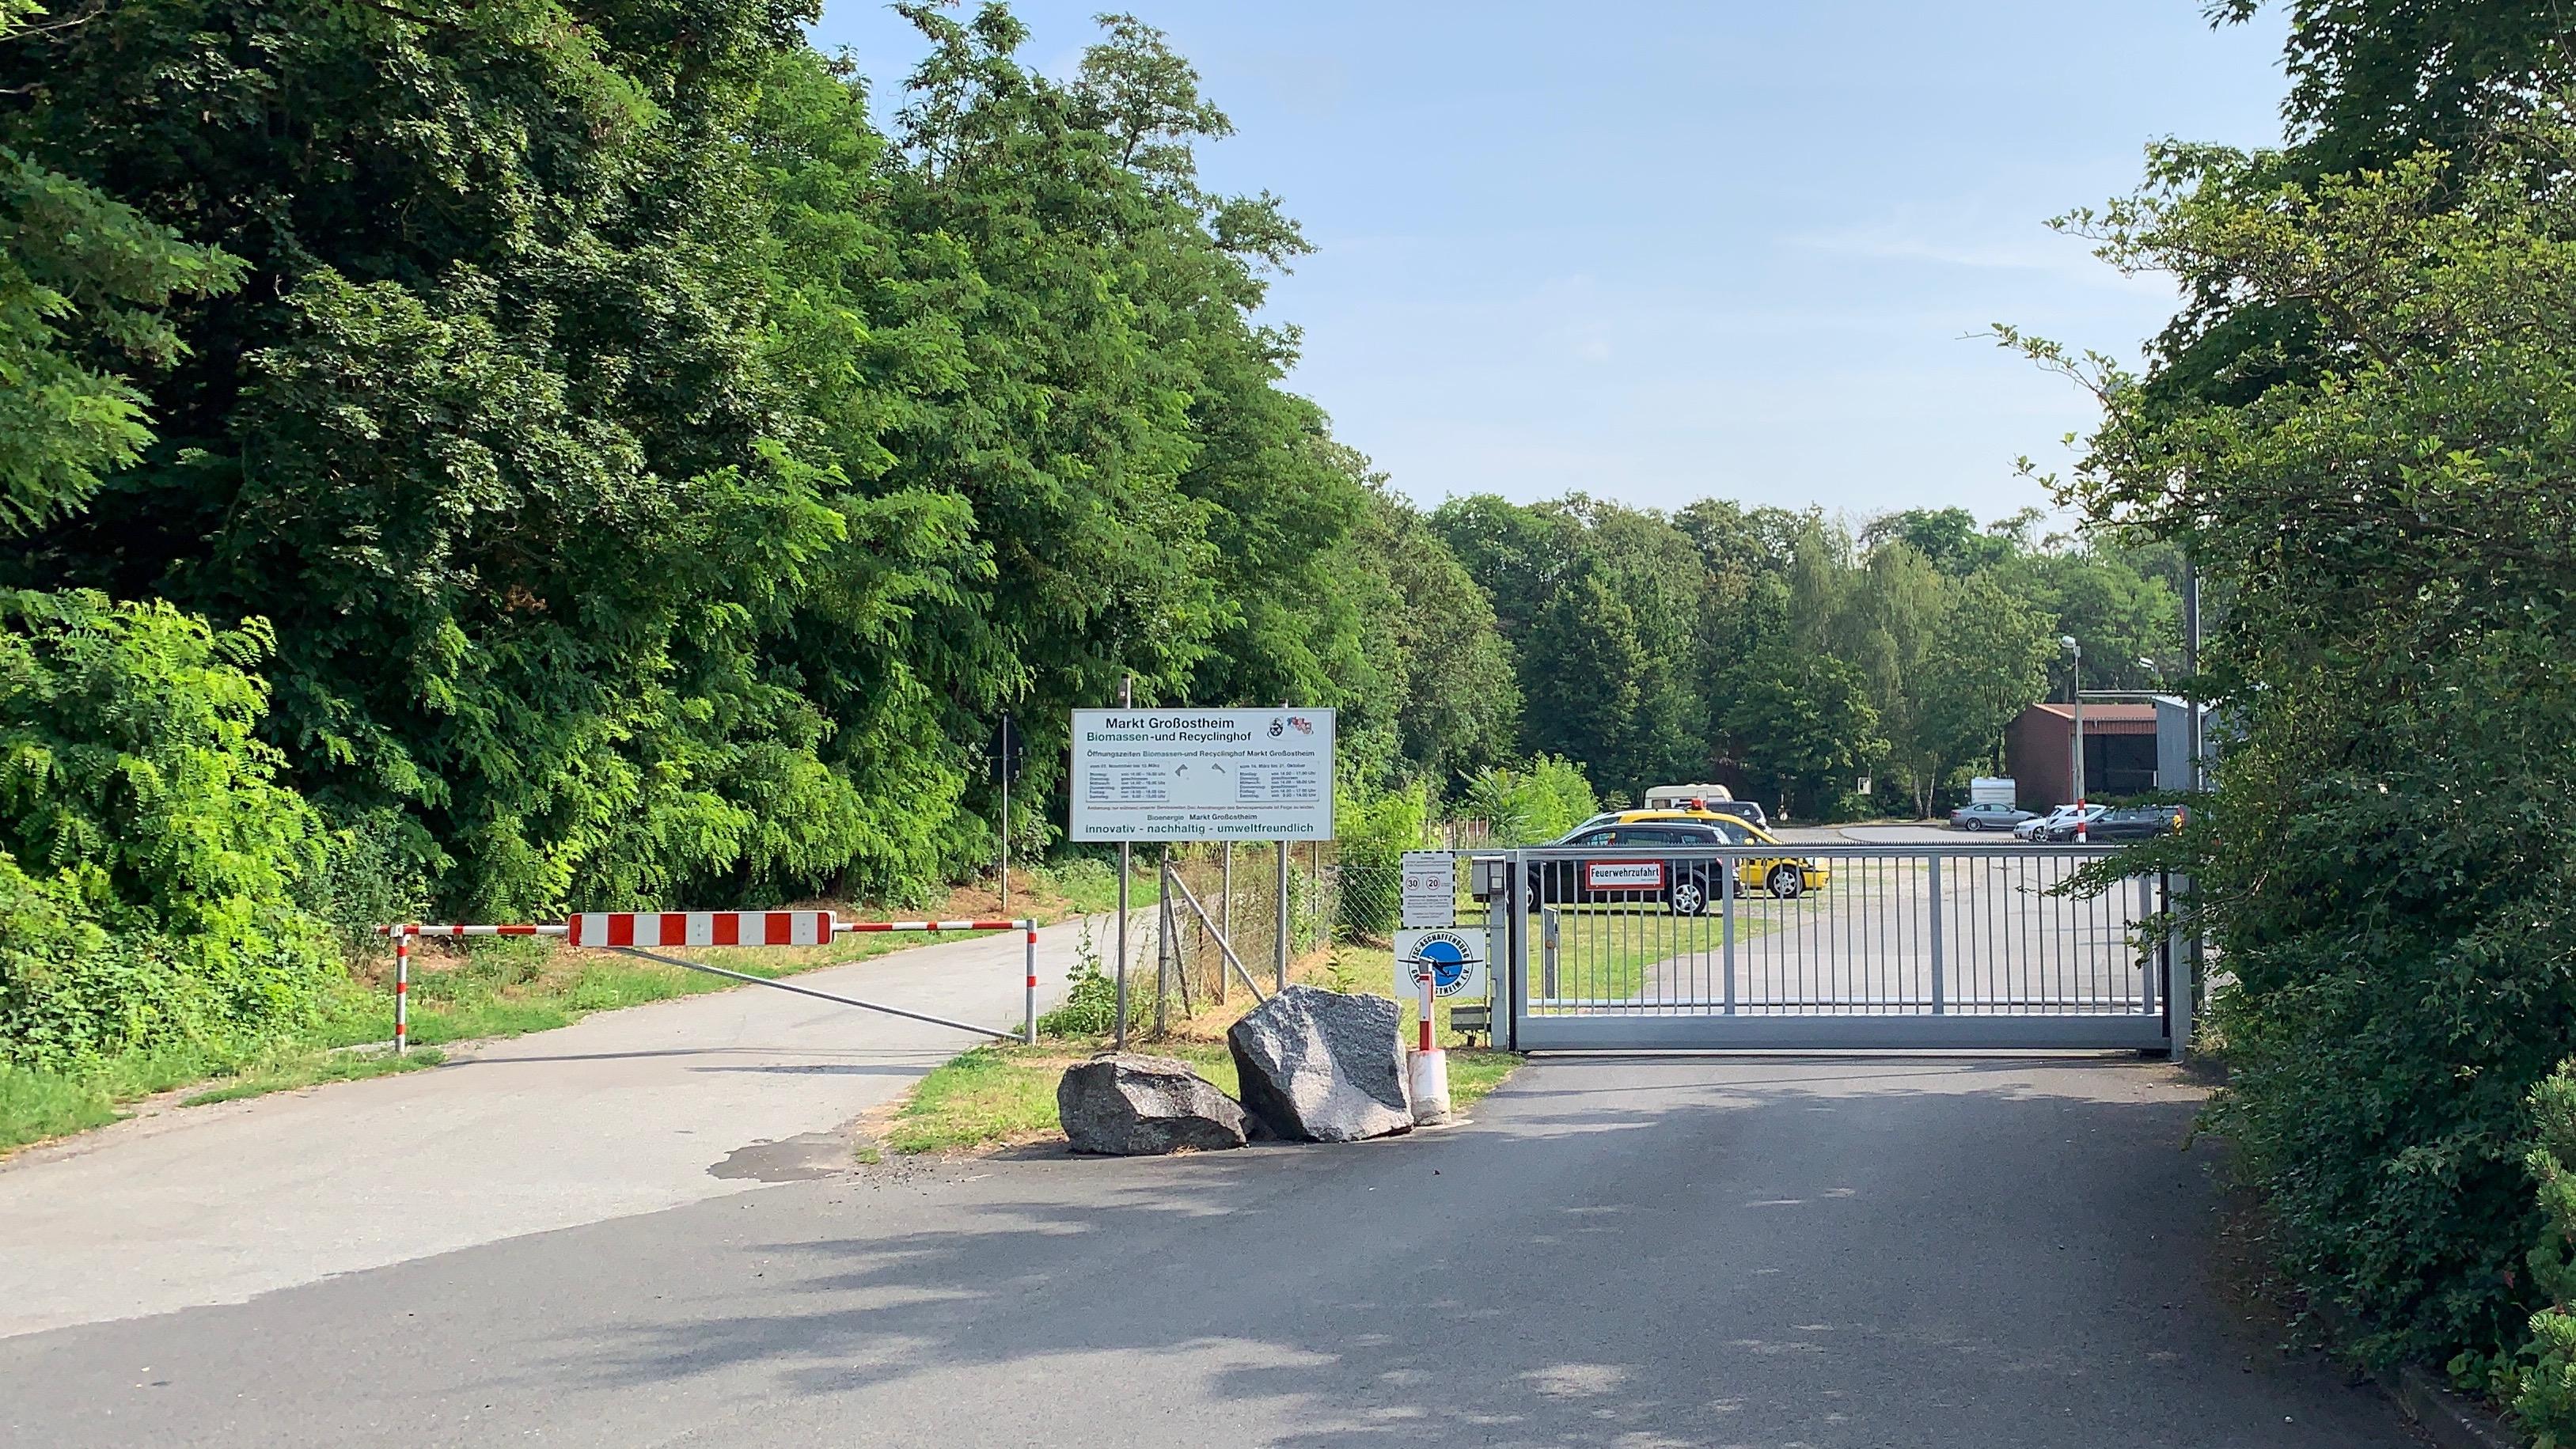 Tor der Einfahrt zum Flugplatz Aschaffenburg